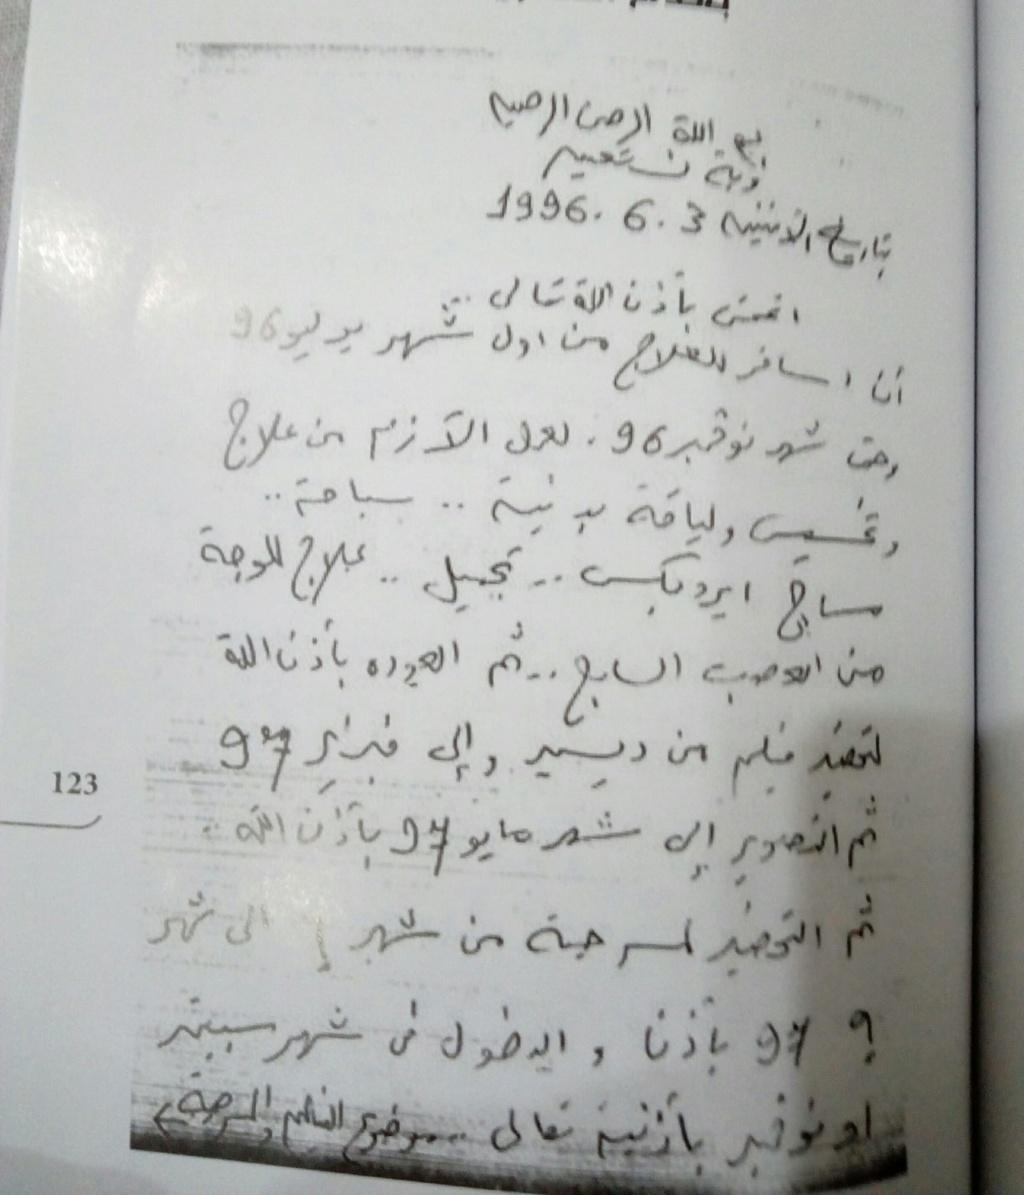 وثيقة مكتوبة : رسالة بخط يد سعاد حسني 1996 م Ao_oy_10